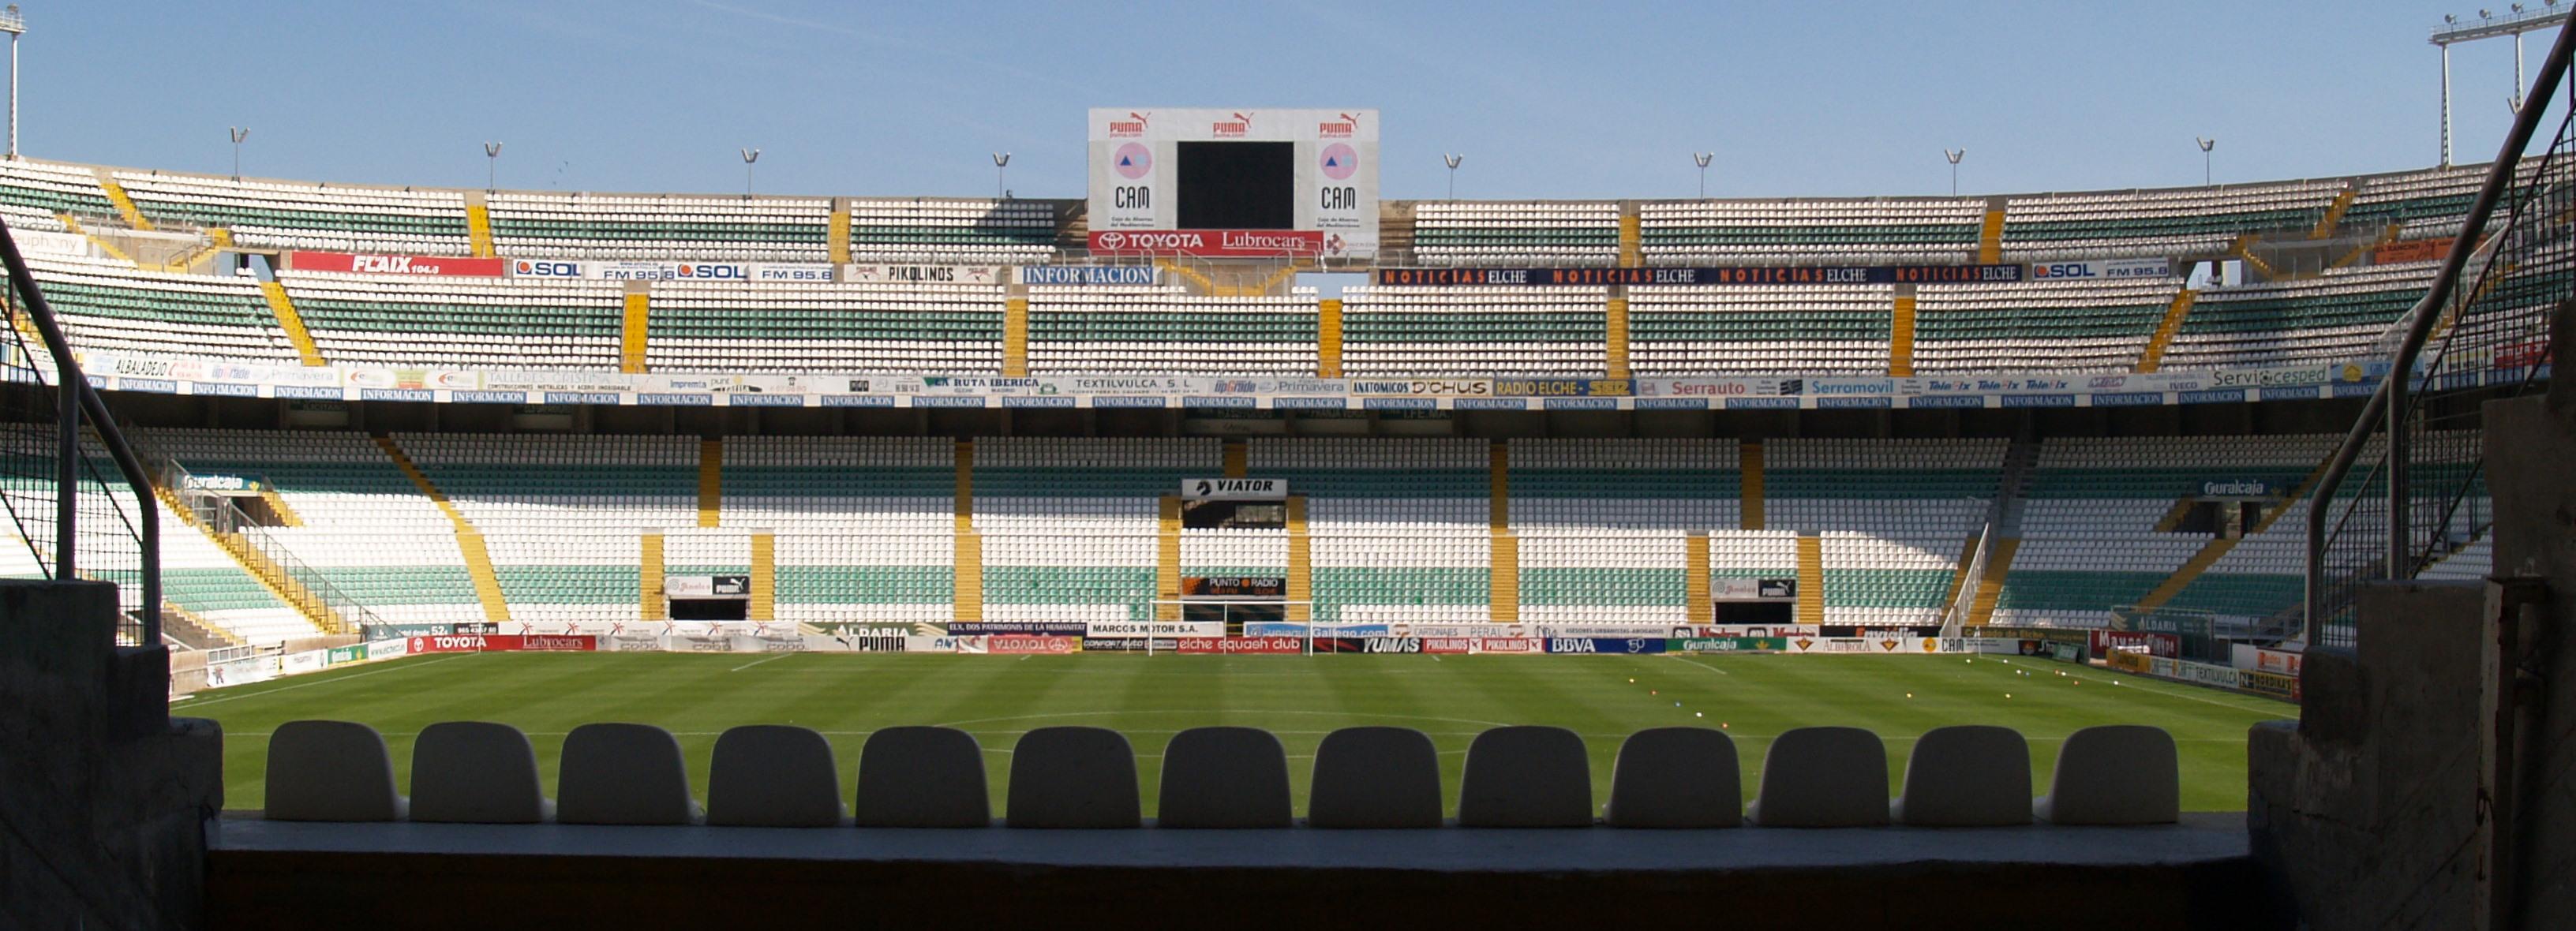 Lonas Gigantes En Estadio